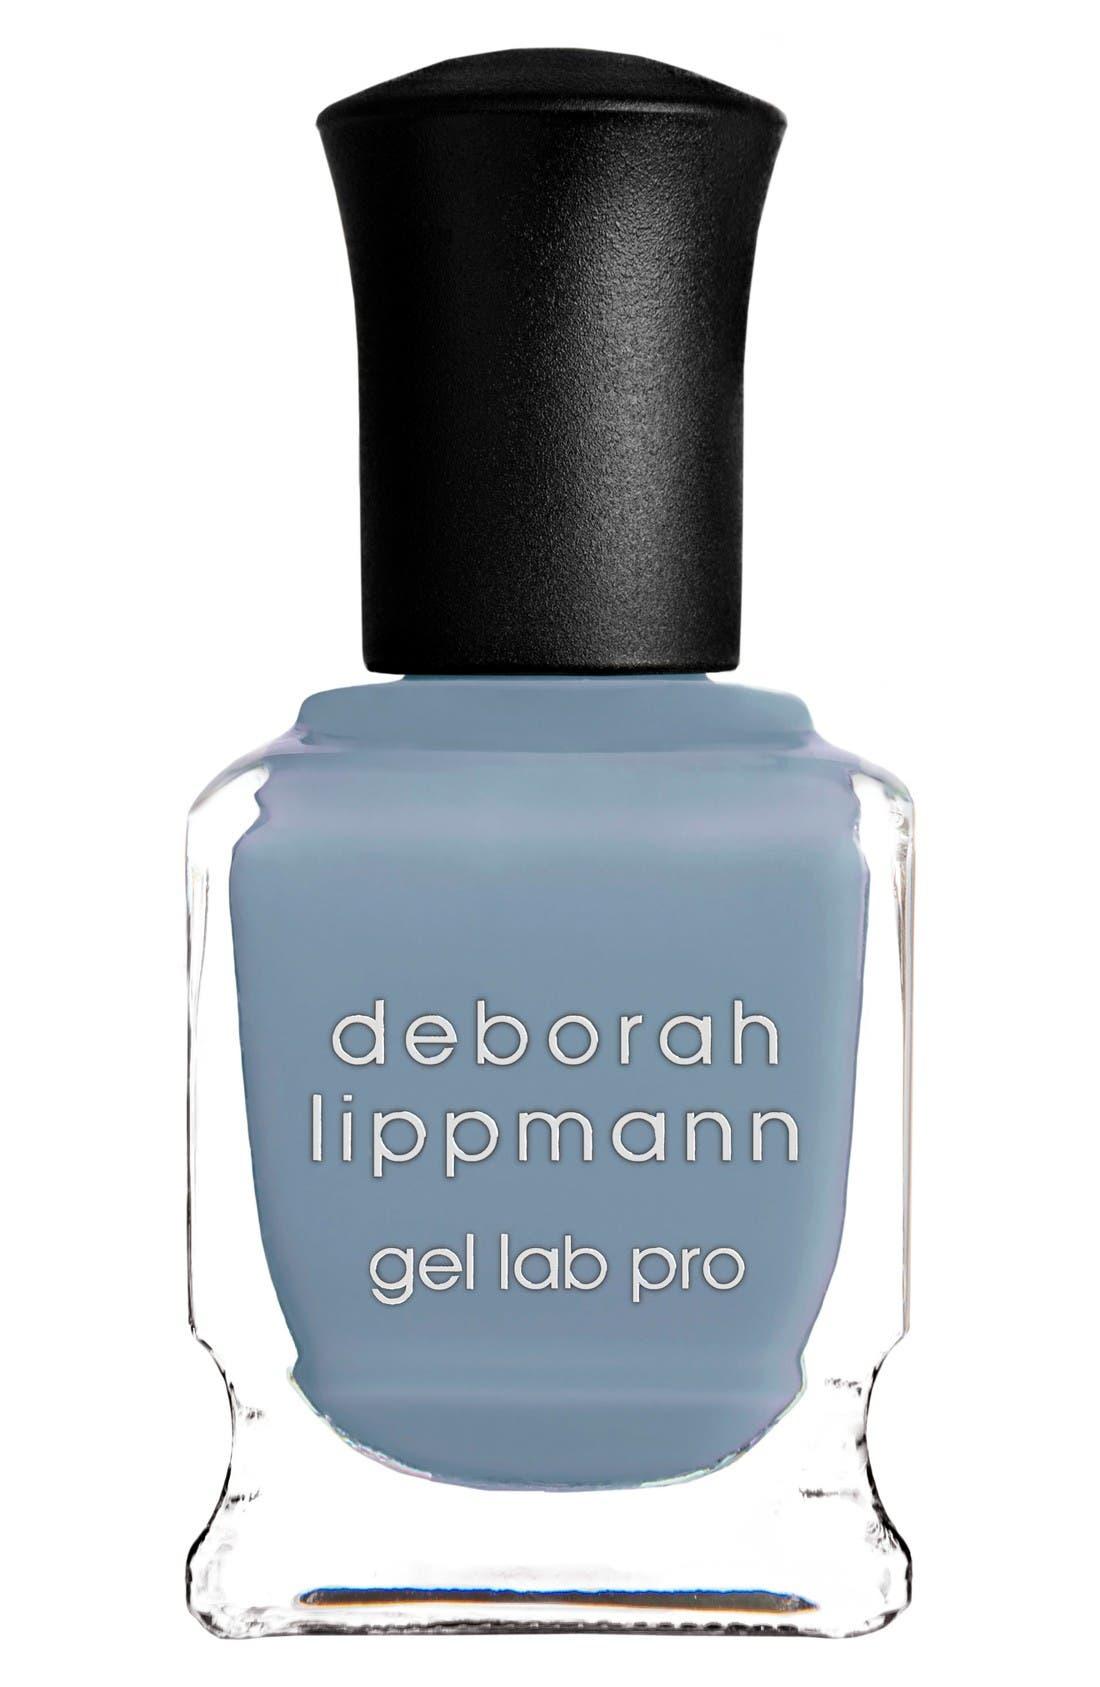 Main Image - Deborah Lippmann Message in a Bottle Gel Lab Pro Nail Color